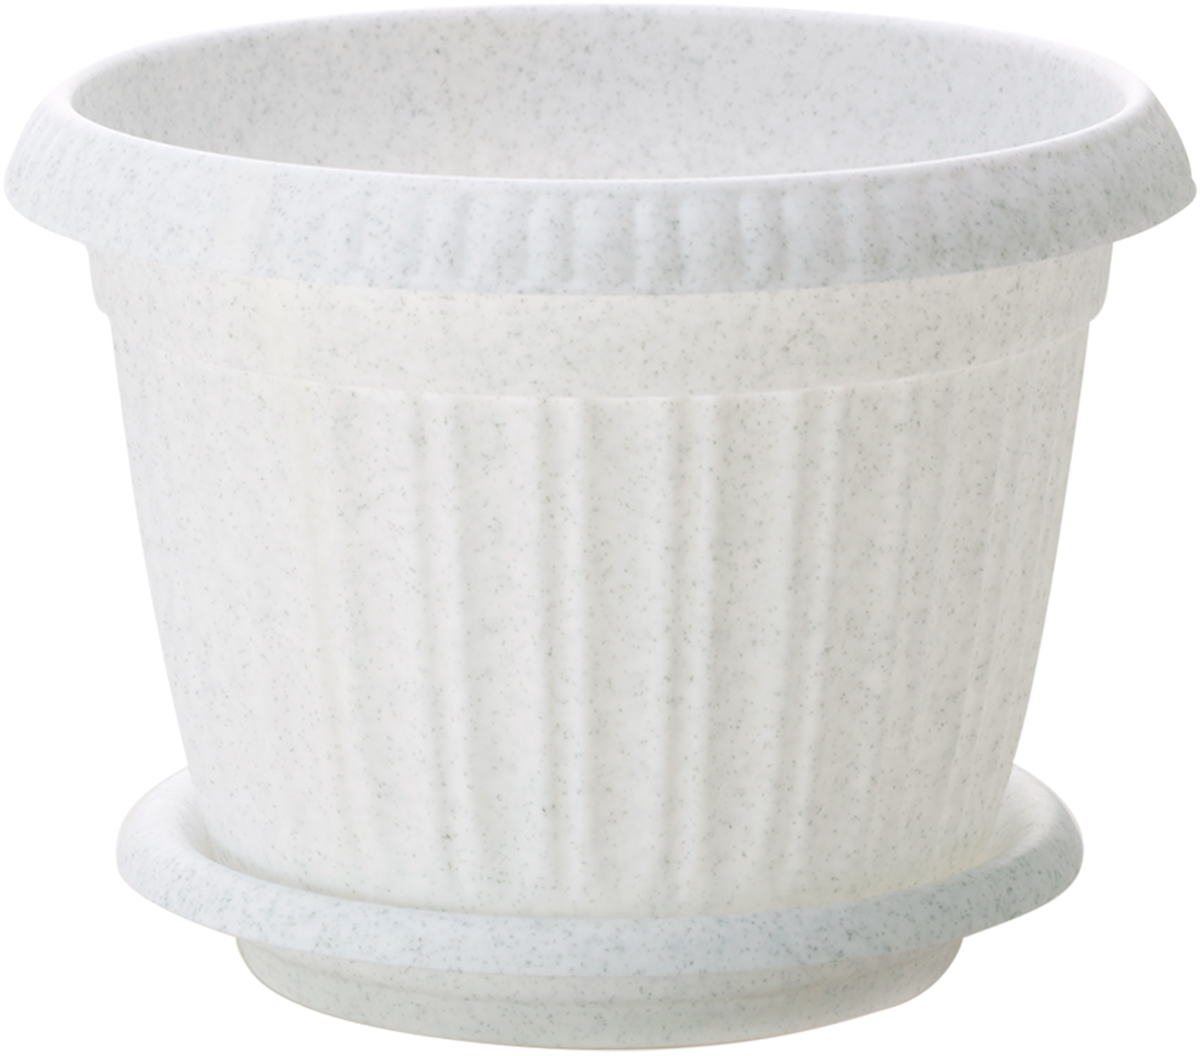 Горшок для цветов InGreen Таити, с подставкой, цвет: мраморный, диаметр 18 смING46012БЛ-16РSЛюбой, даже самый современный и продуманный интерьер будет не завершённым без растений. Они не только очищают воздух и насыщают его кислородом, но и заметно украшают окружающее пространство. Такому полезному &laquo члену семьи&raquoпросто необходимо красивое и функциональное кашпо, оригинальный горшок или необычная ваза! Мы предлагаем - Горшок для цветов с поддоном d=18 см Таити, цвет мраморный !Оптимальный выбор материала &mdash &nbsp пластмасса! Почему мы так считаем? Малый вес. С лёгкостью переносите горшки и кашпо с места на место, ставьте их на столики или полки, подвешивайте под потолок, не беспокоясь о нагрузке. Простота ухода. Пластиковые изделия не нуждаются в специальных условиях хранения. Их&nbsp легко чистить &mdashдостаточно просто сполоснуть тёплой водой. Никаких царапин. Пластиковые кашпо не царапают и не загрязняют поверхности, на которых стоят. Пластик дольше хранит влагу, а значит &mdashрастение реже нуждается в поливе. Пластмасса не пропускает воздух &mdashкорневой системе растения не грозят резкие перепады температур. Огромный выбор форм, декора и расцветок &mdashвы без труда подберёте что-то, что идеально впишется в уже существующий интерьер.Соблюдая нехитрые правила ухода, вы можете заметно продлить срок службы горшков, вазонов и кашпо из пластика: всегда учитывайте размер кроны и корневой системы растения (при разрастании большое растение способно повредить маленький горшок)берегите изделие от воздействия прямых солнечных лучей, чтобы кашпо и горшки не выцветалидержите кашпо и горшки из пластика подальше от нагревающихся поверхностей.Создавайте прекрасные цветочные композиции, выращивайте рассаду или необычные растения, а низкие цены позволят вам не ограничивать себя в выборе.